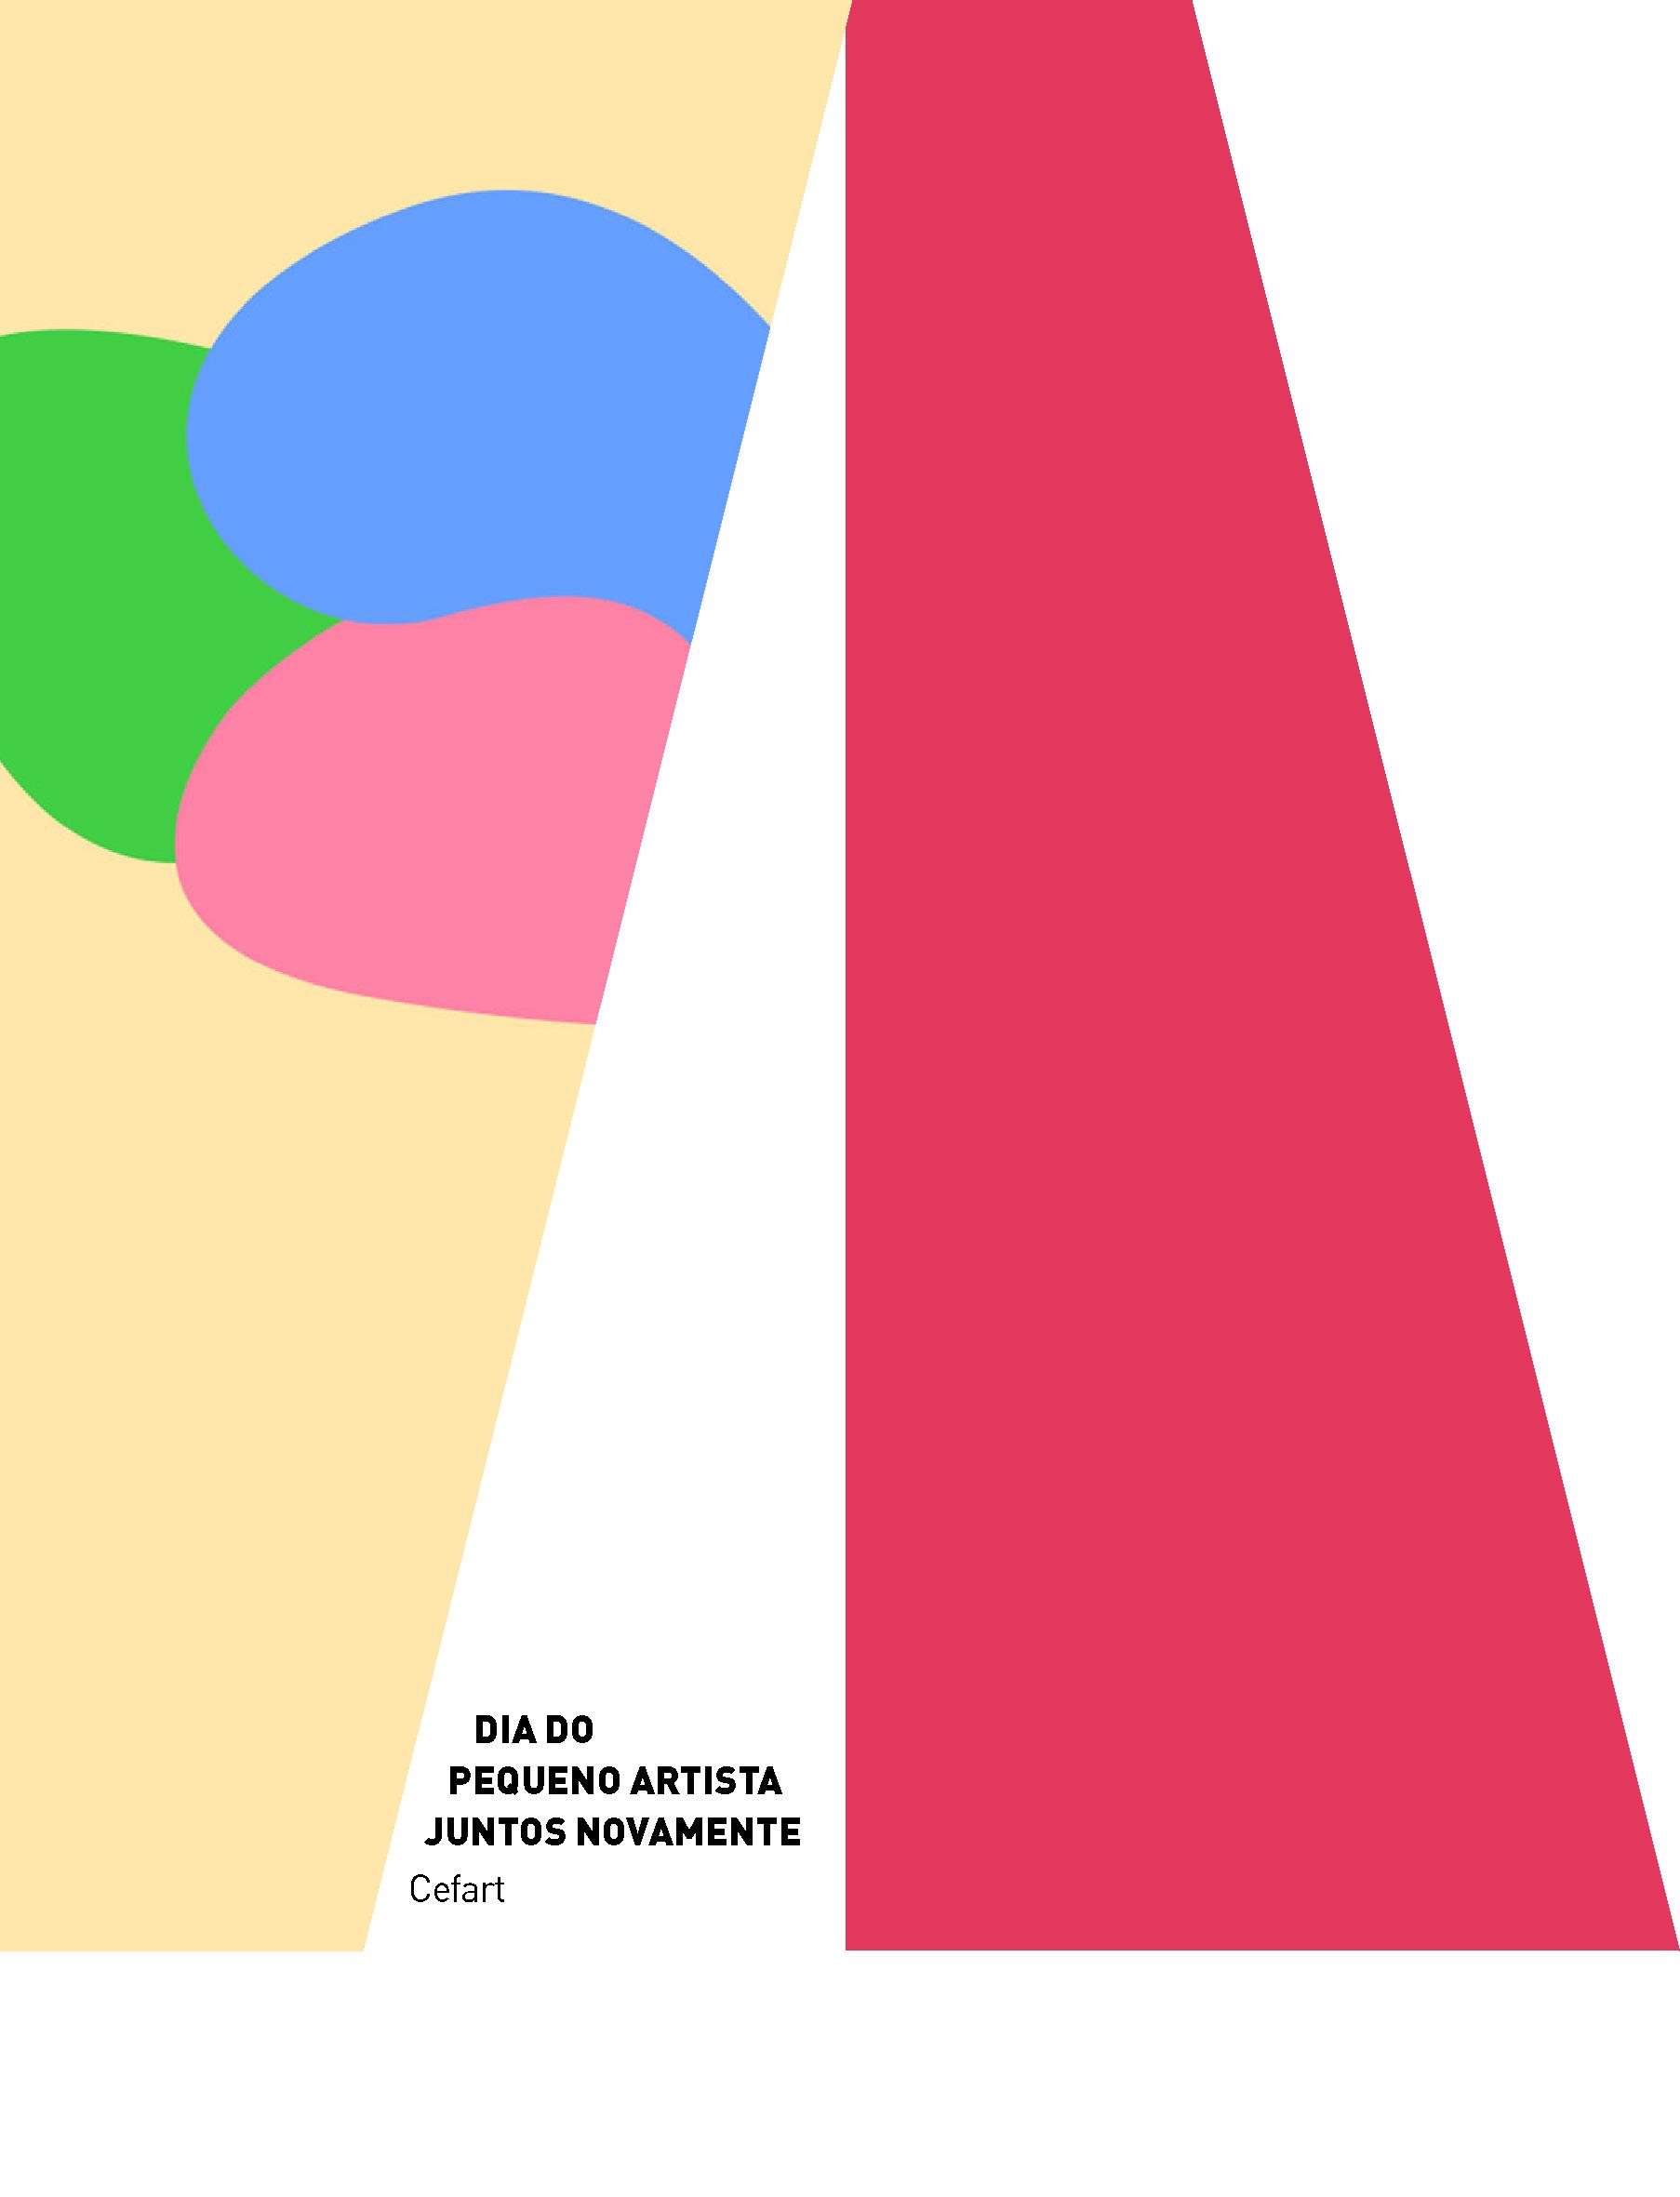 Evento: Dia do Pequeno Artista | Juntos Novamente